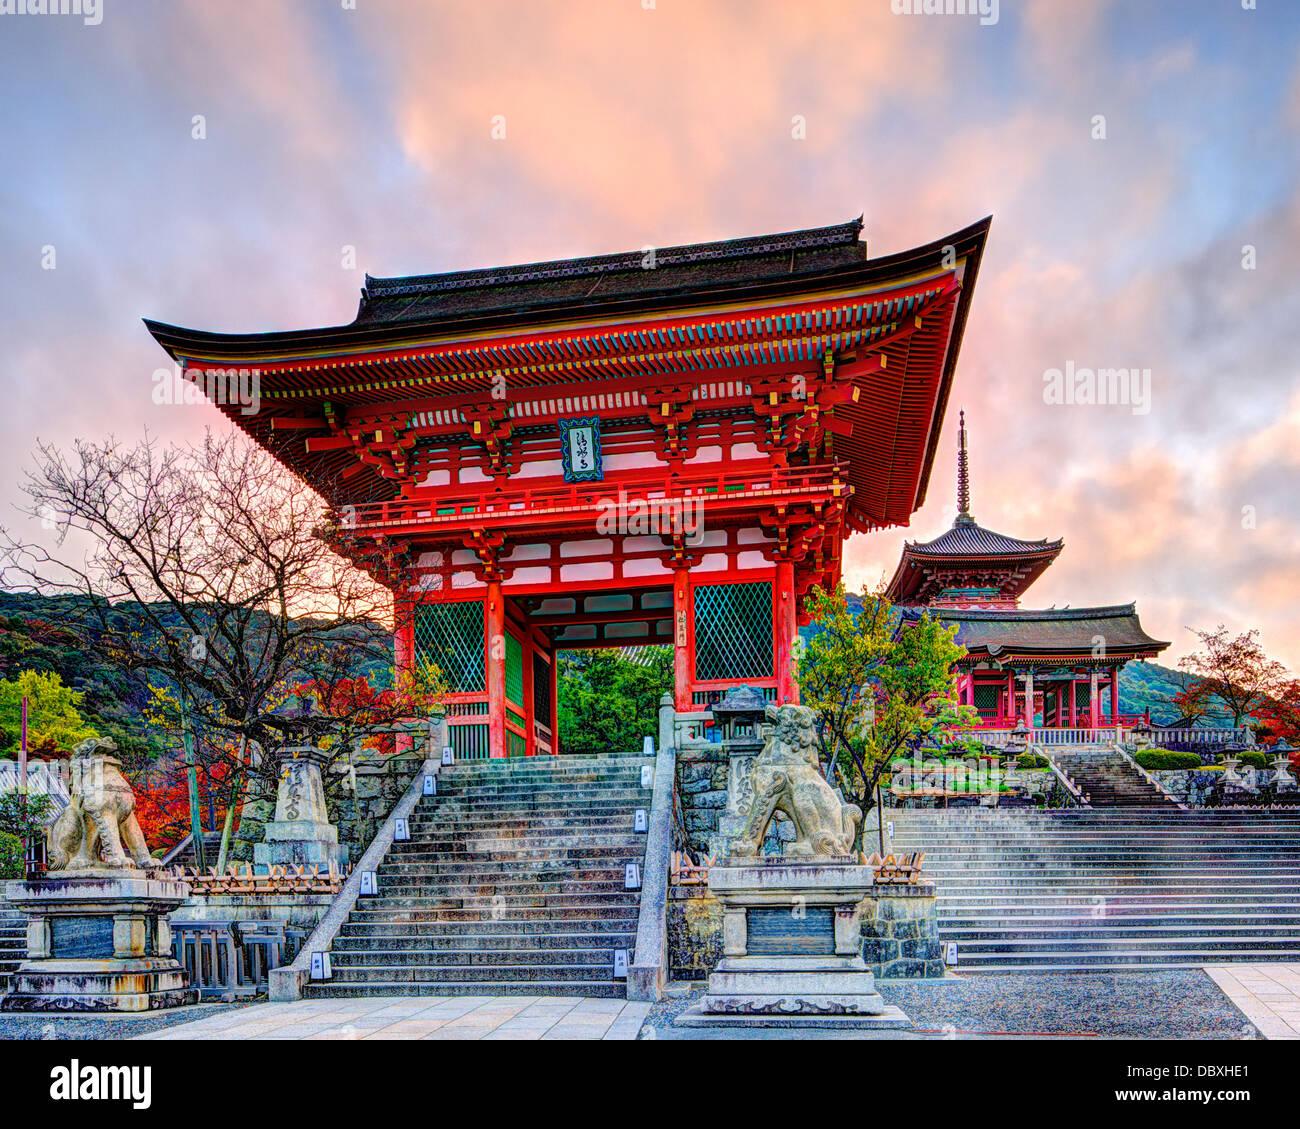 La porte de Temple Kiyomizu-dera à Kyoto, au Japon dans la matinée. Photo Stock